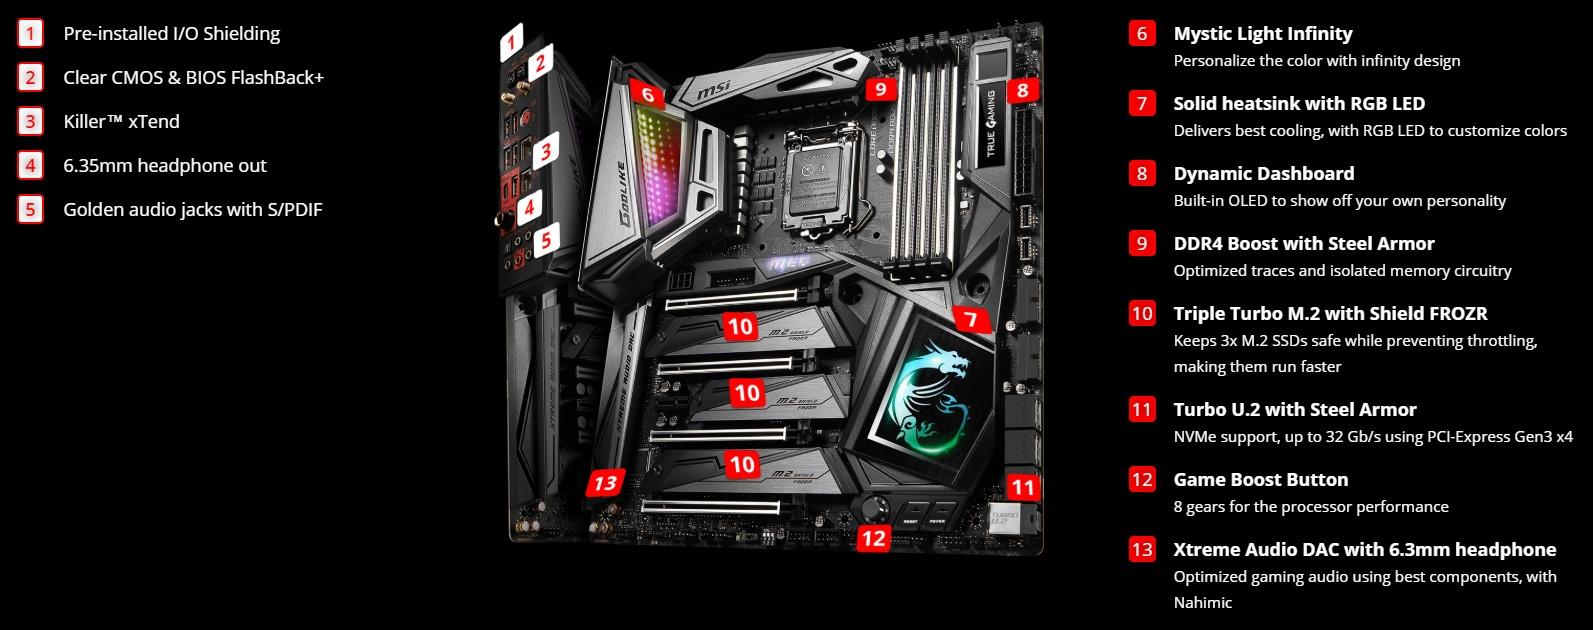 MSI выпустила новую серию плат LGA1151 во главе с MEG Z390 Godlike